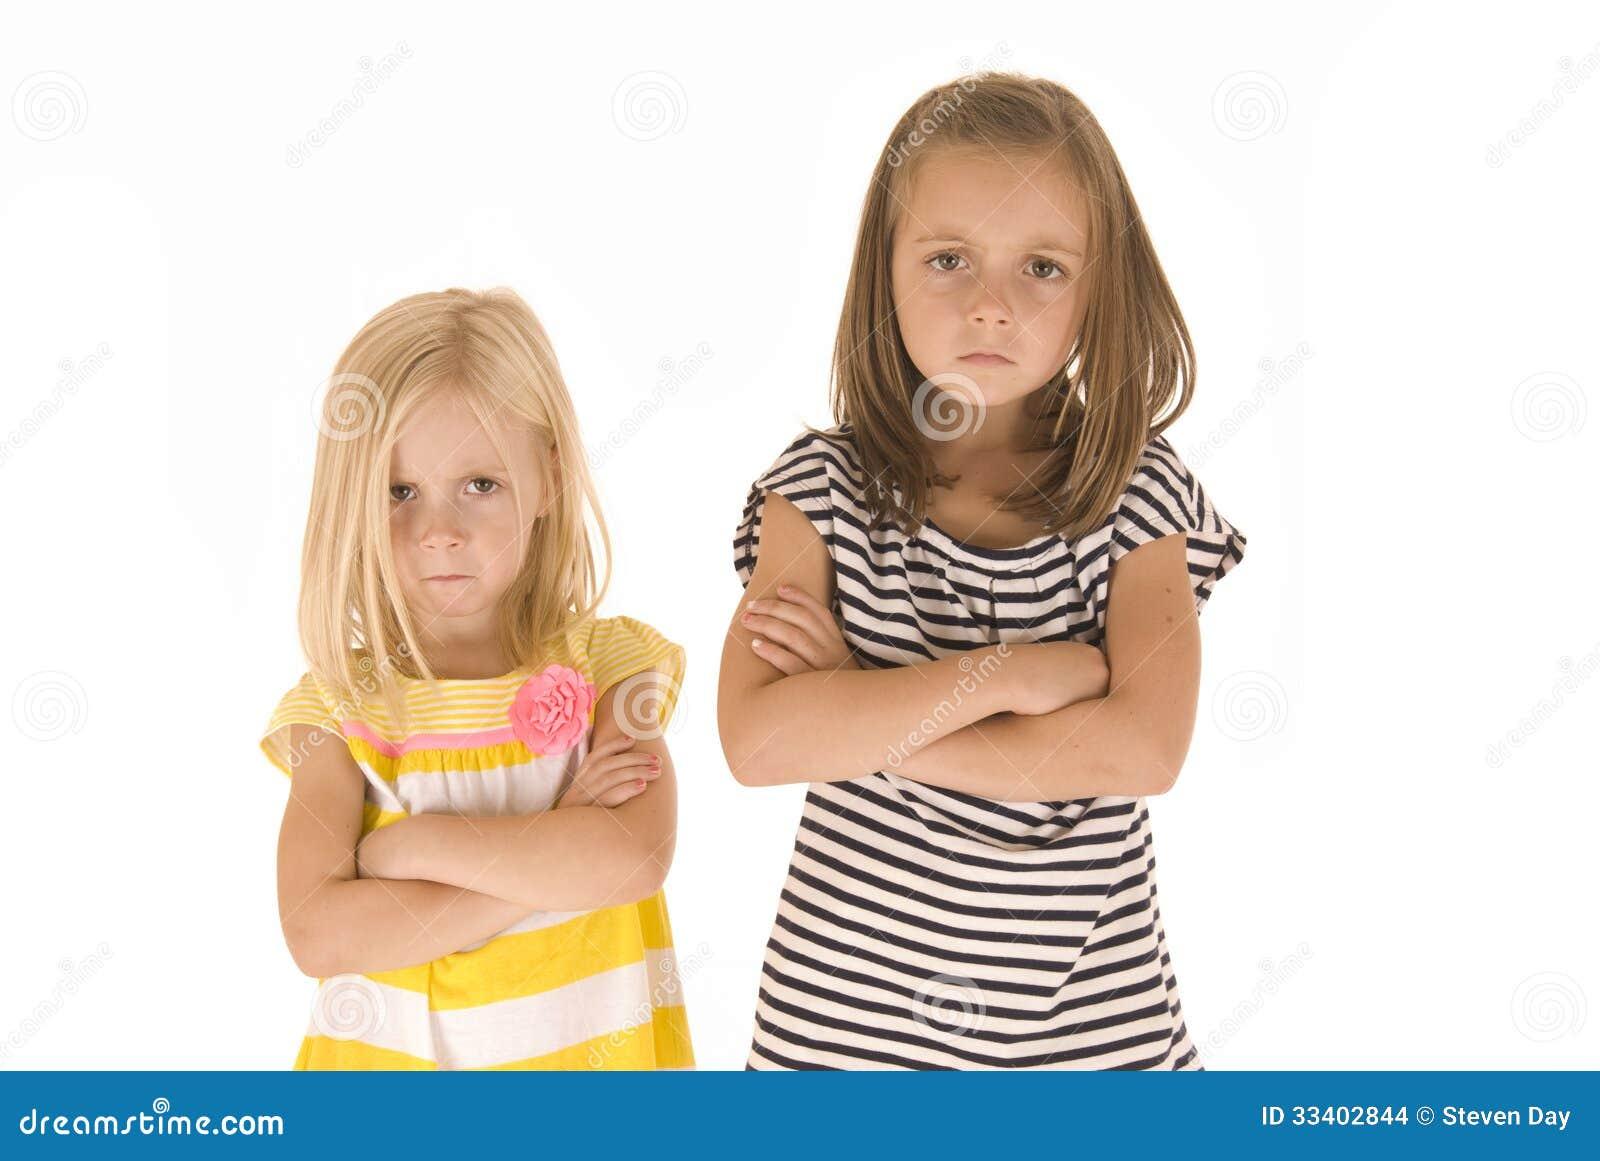 Δύο χαριτωμένα νέα κορίτσια τρελλά και που μουτρώνουν